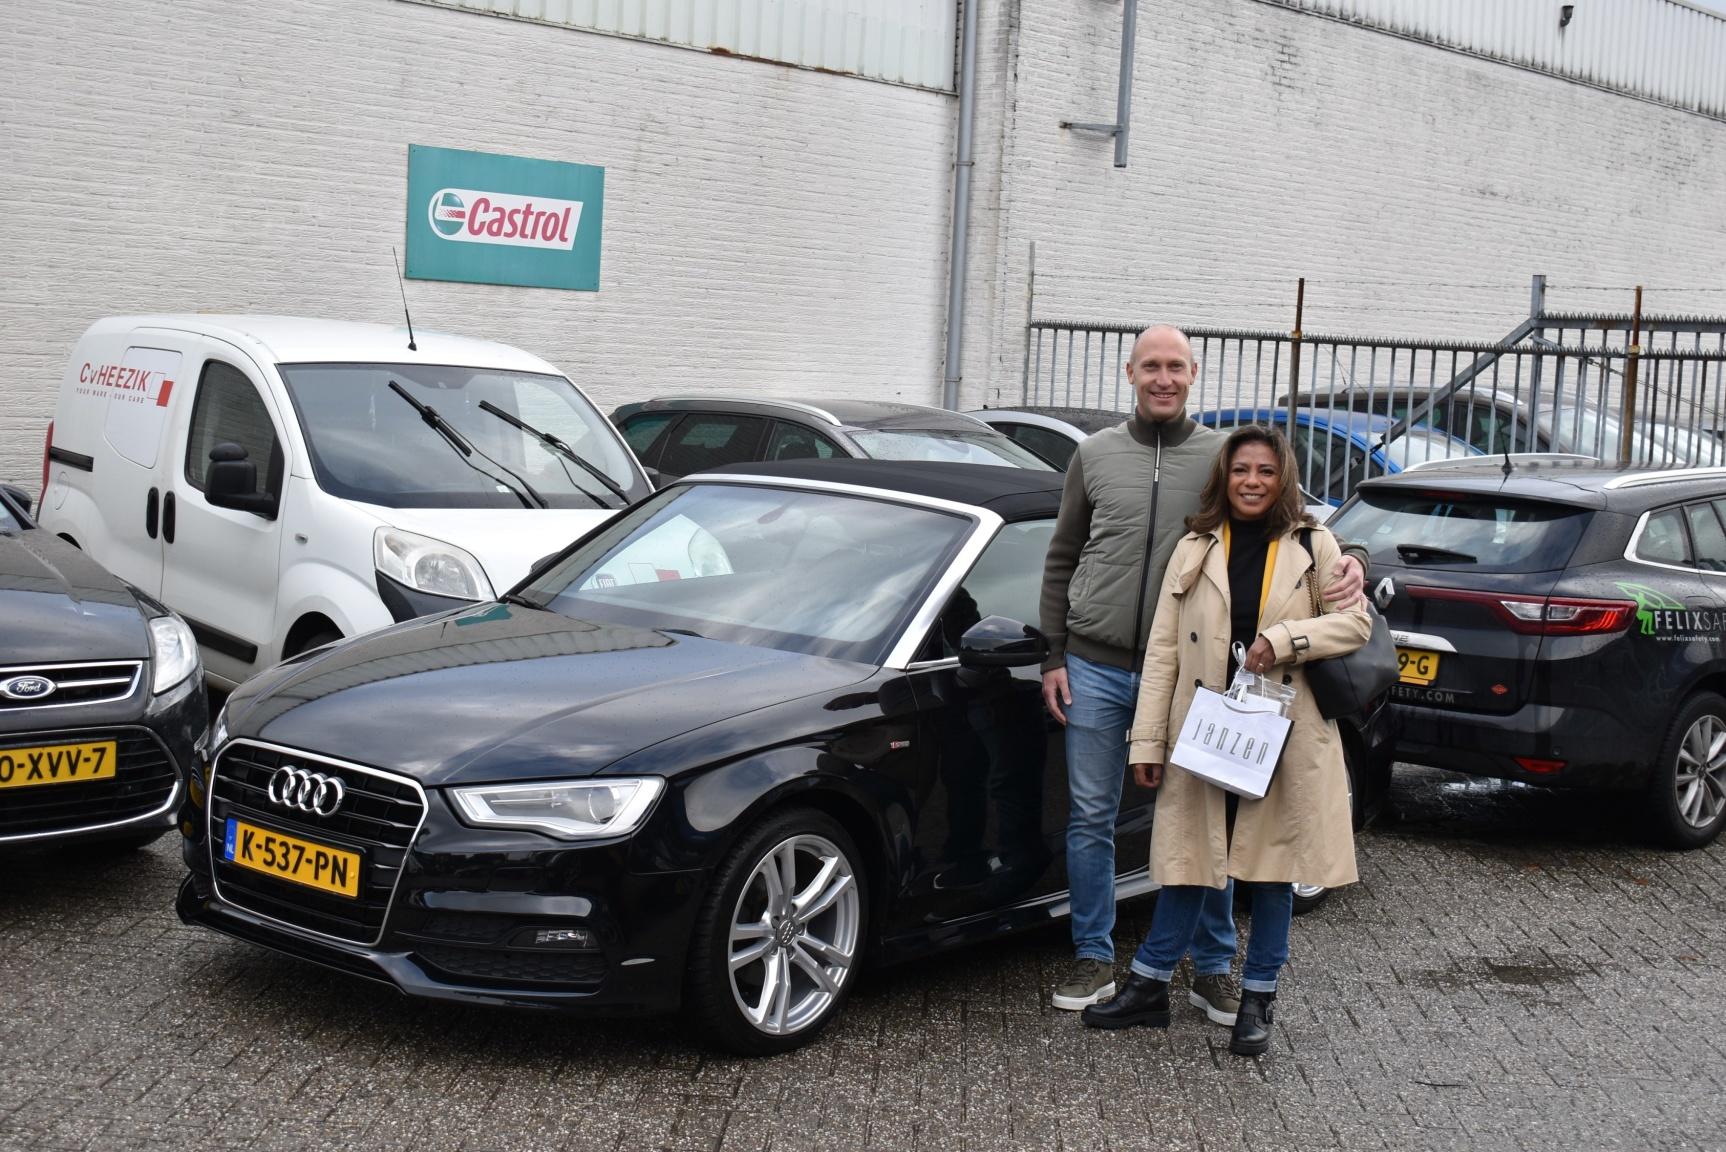 Aflevering Audi A3 cabriolet-2021-10-12 10:33:03